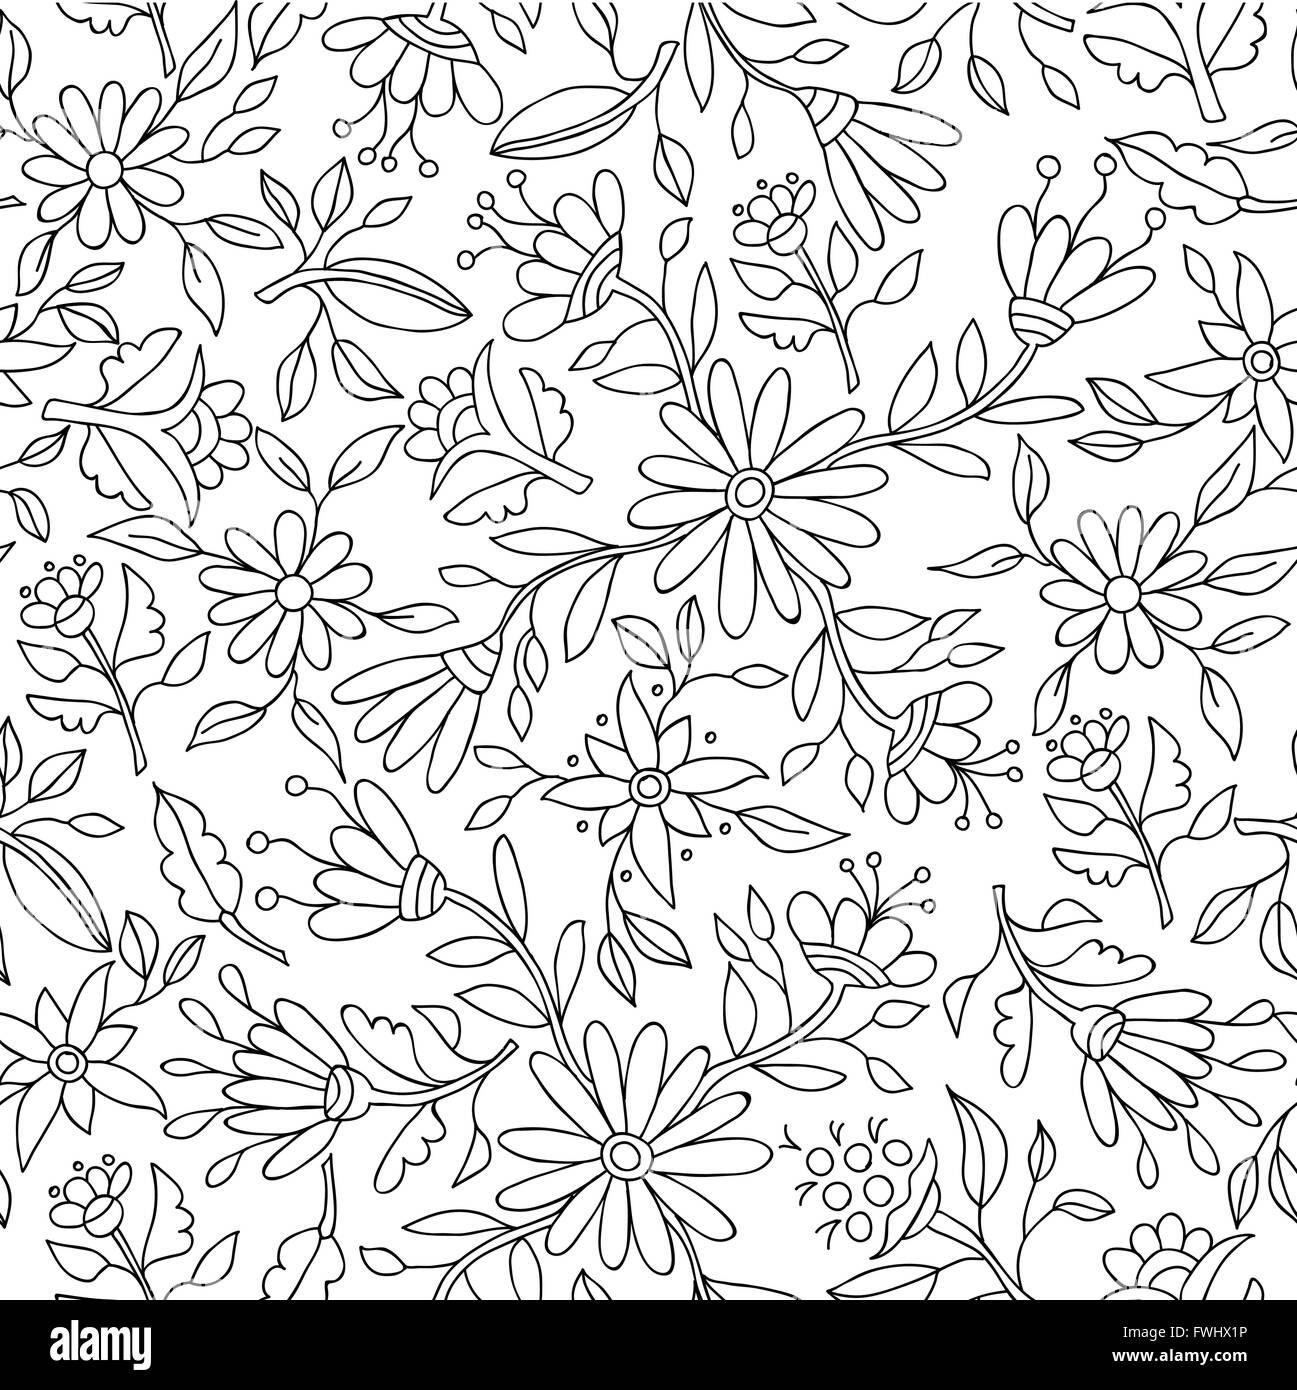 Primavera florales de trama de fondo en blanco y negro con flor de ...